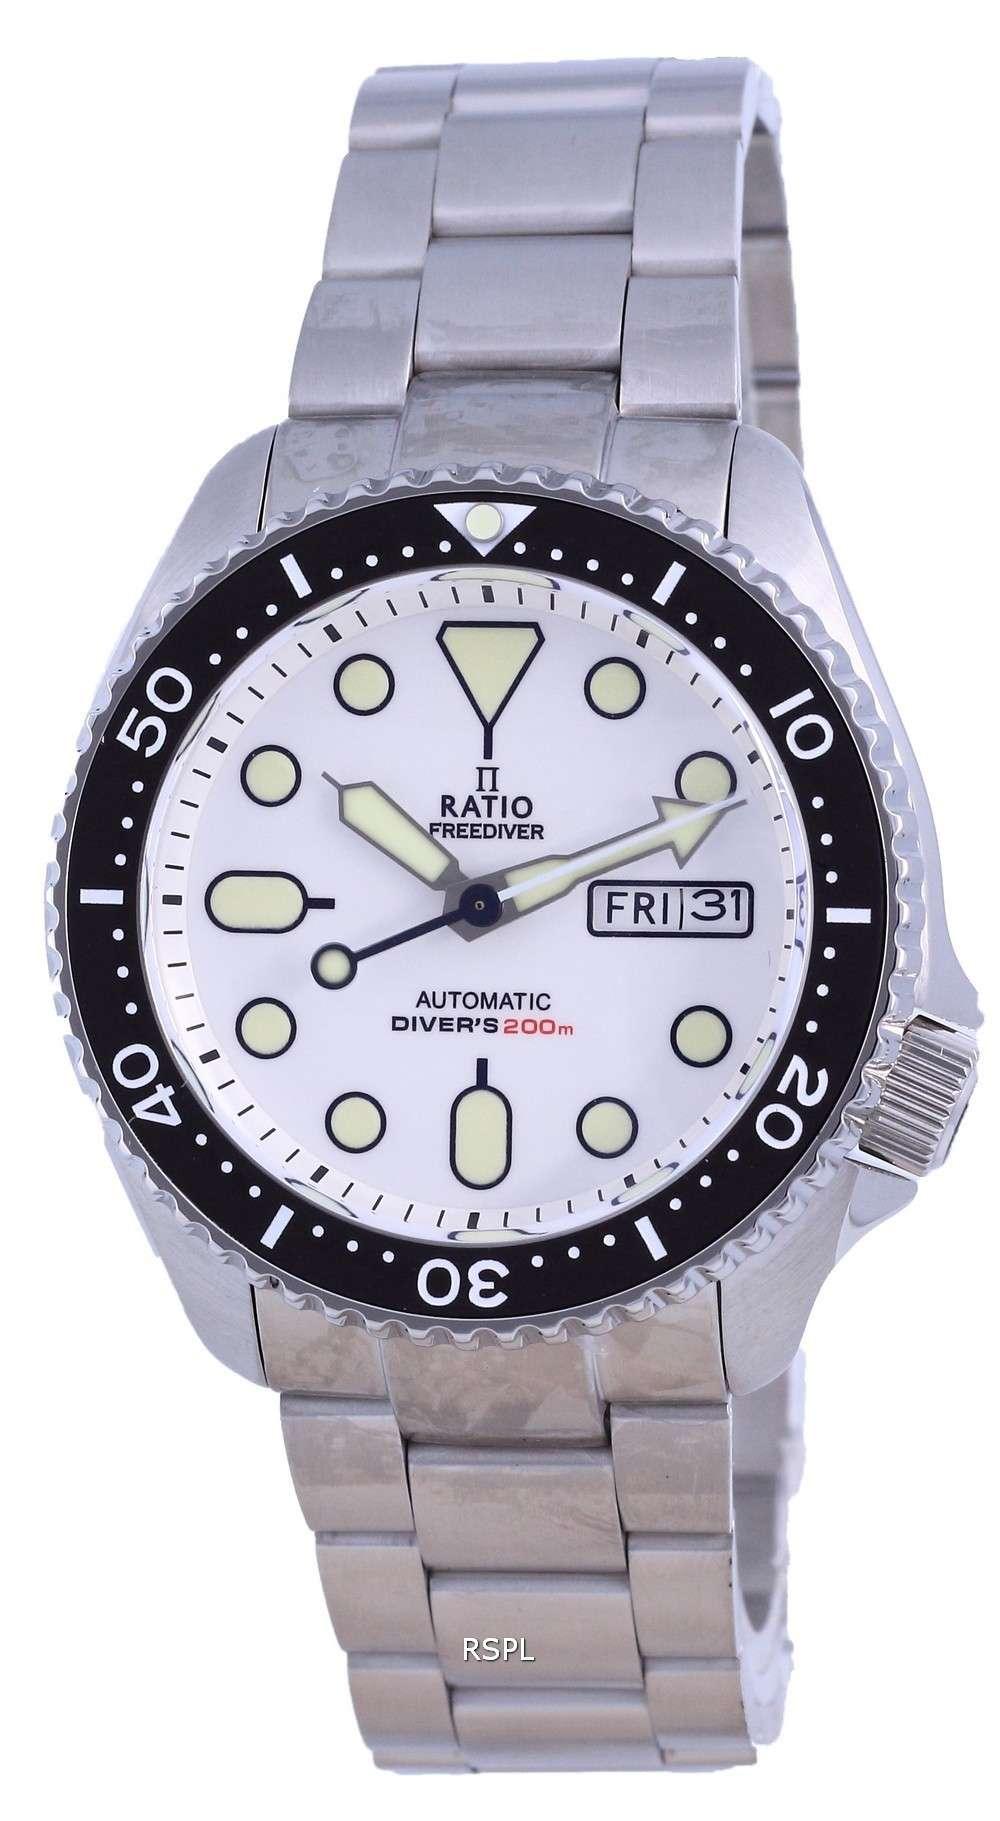 Ratio FreeDiver, esfera blanca, acero inoxidable, automático, RTA109, 200M, reloj para hombre